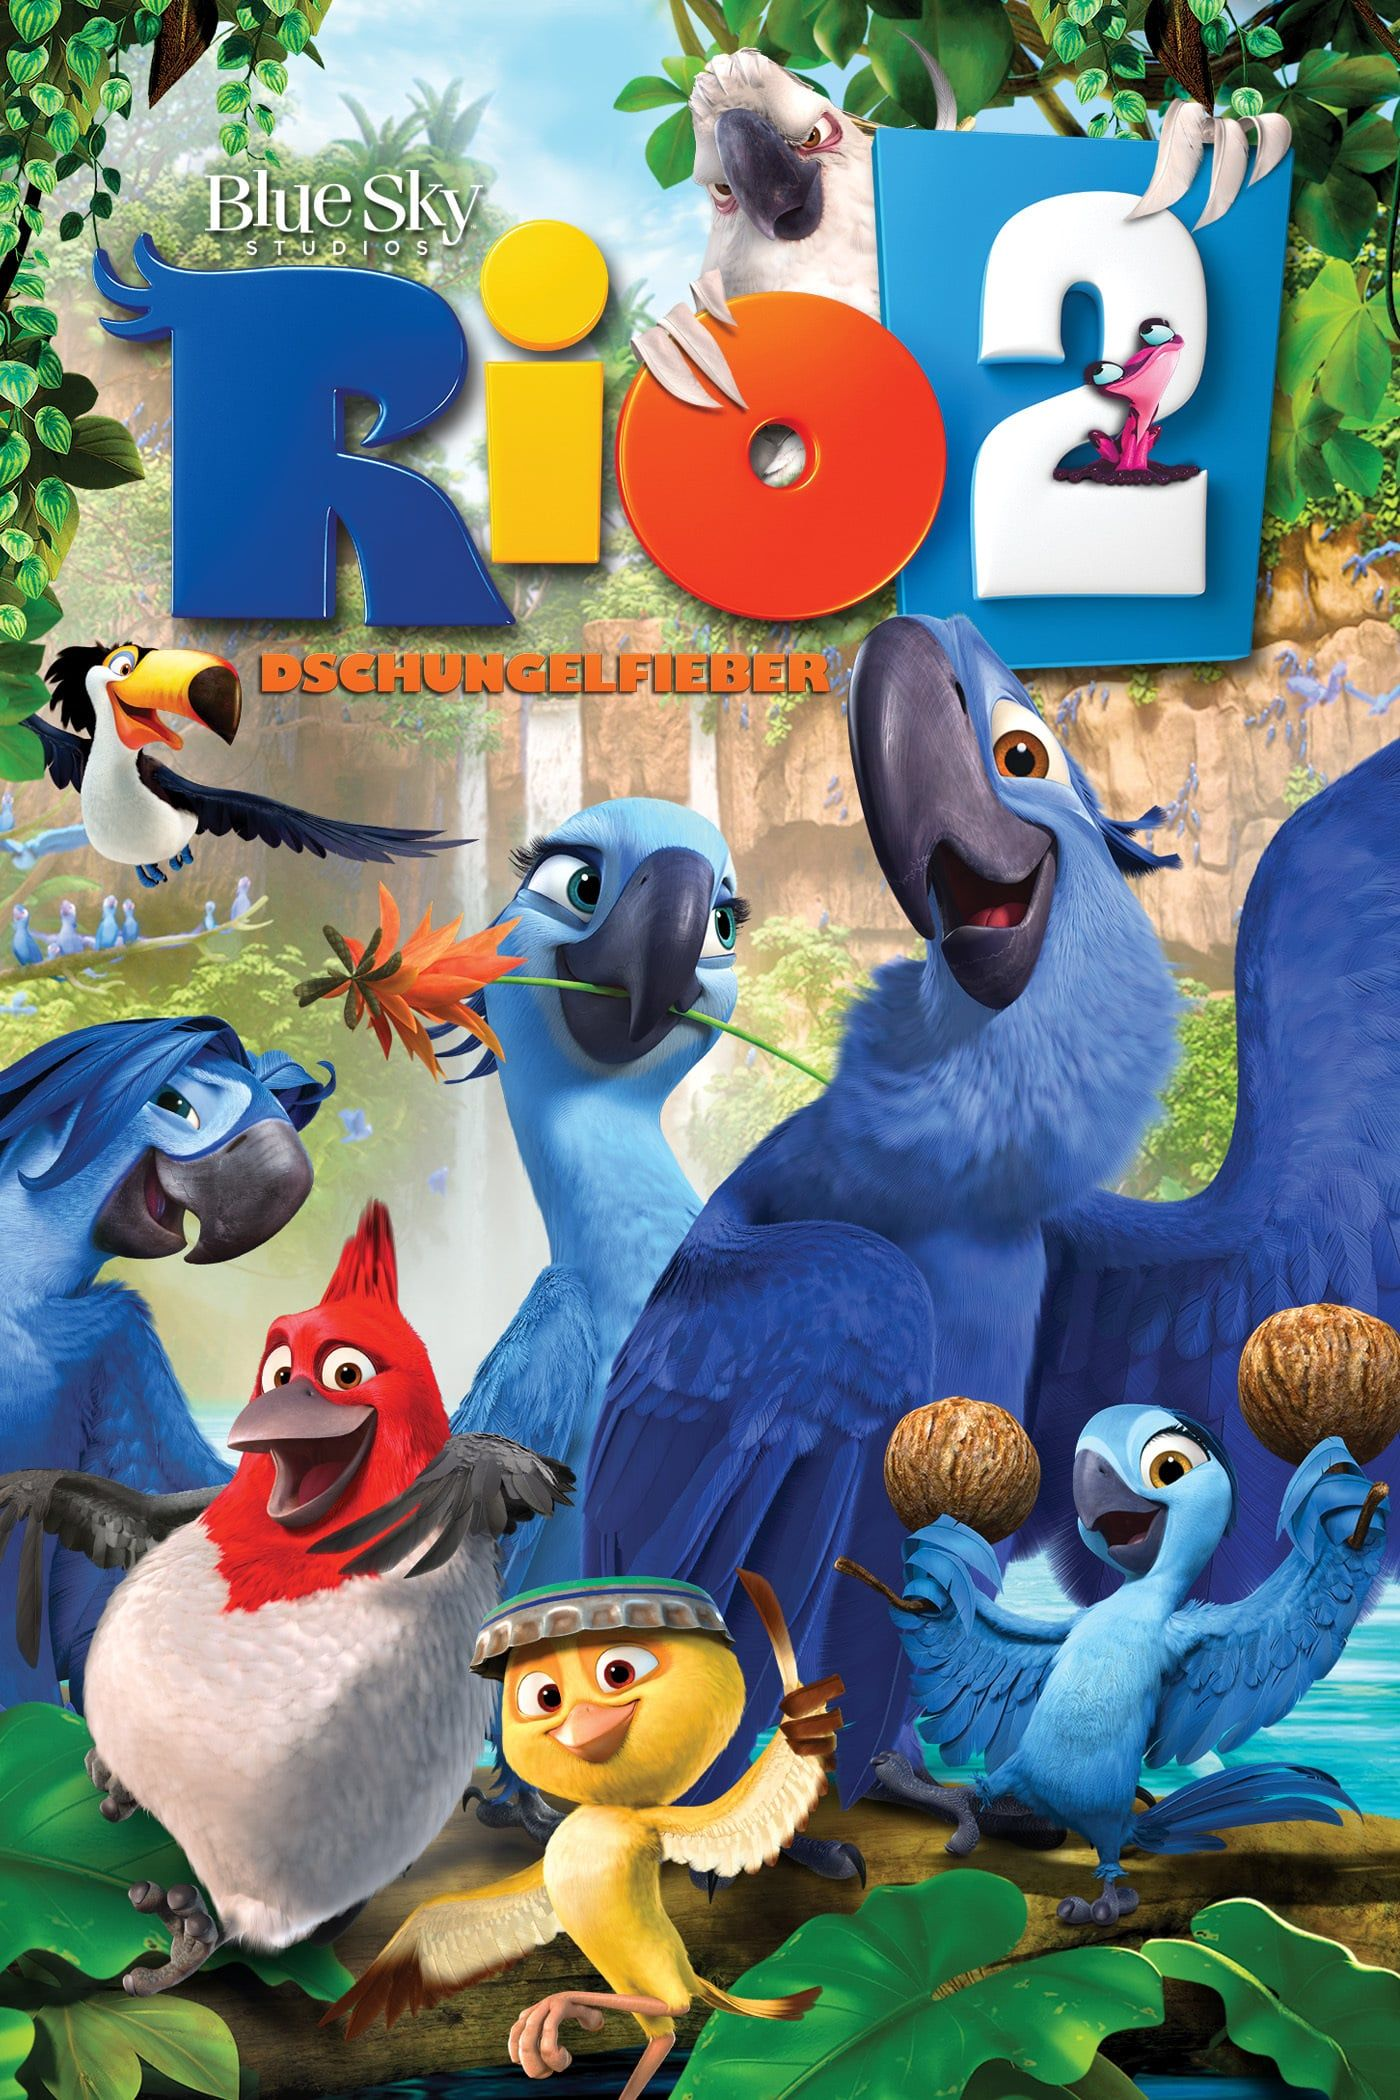 Descargar Rio 2 2014 Pelicula Online Completa Subtitulos Espanol Gratis En Lineaa Rio Movie Rio 2 Rio 2 Movie